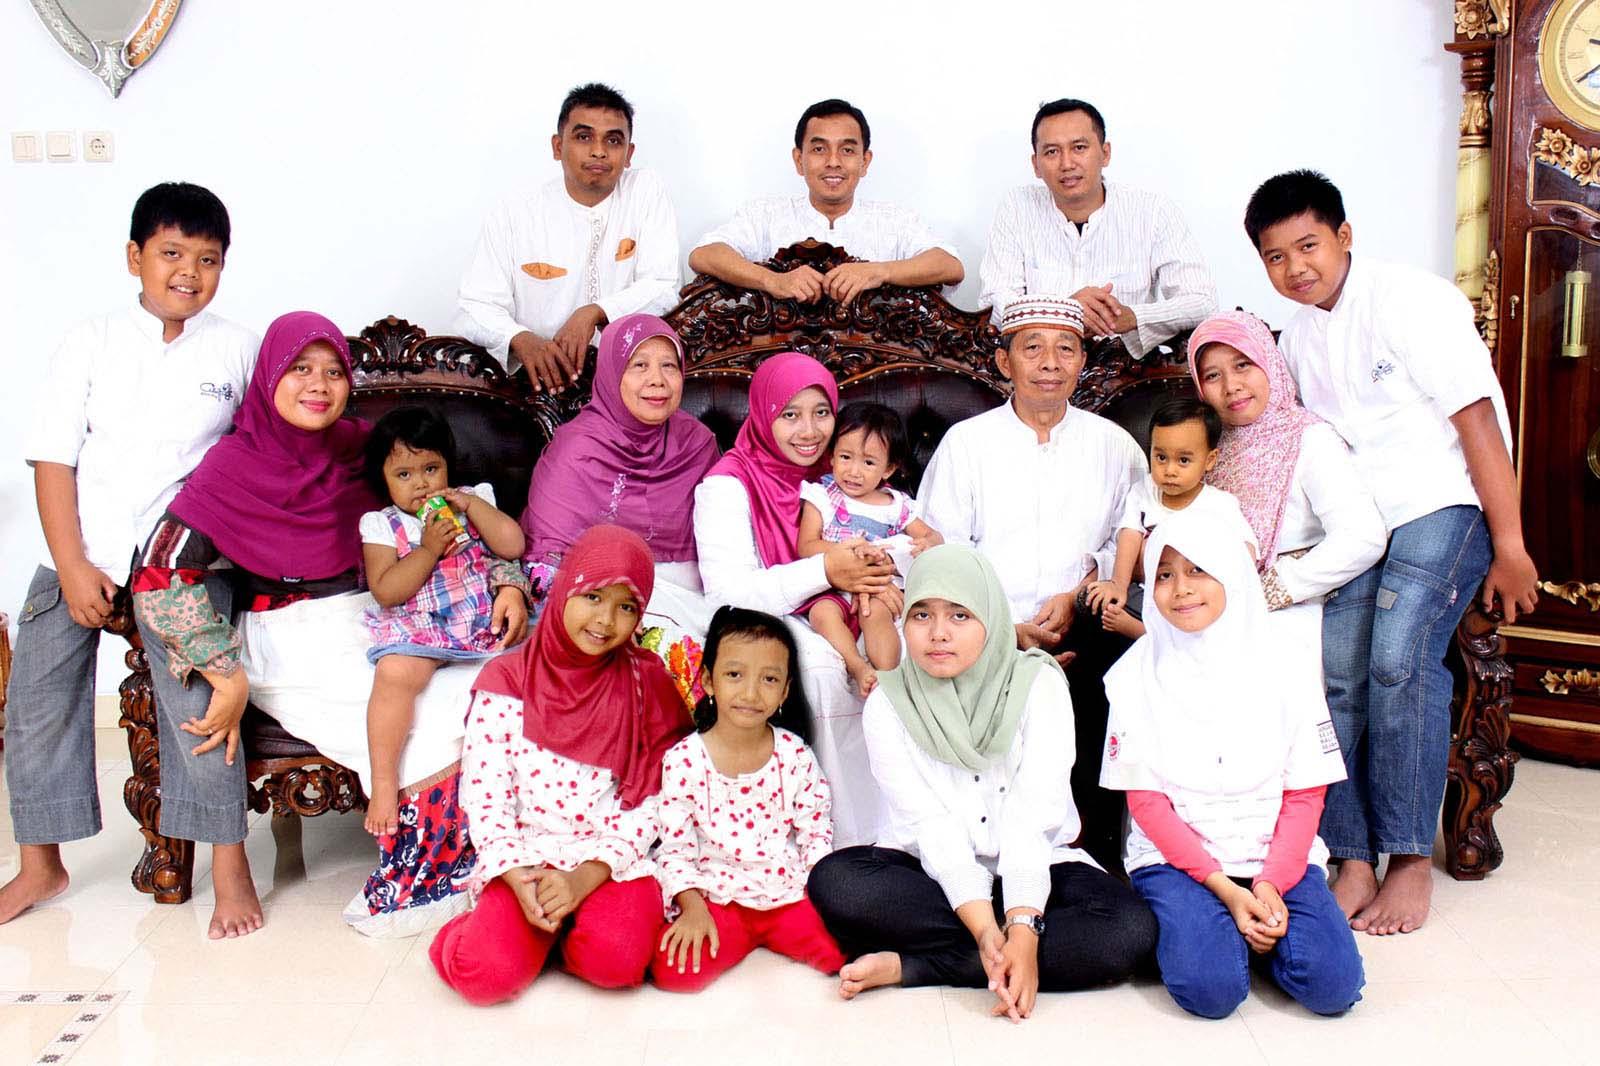 jasa foto keluarga bersahabat